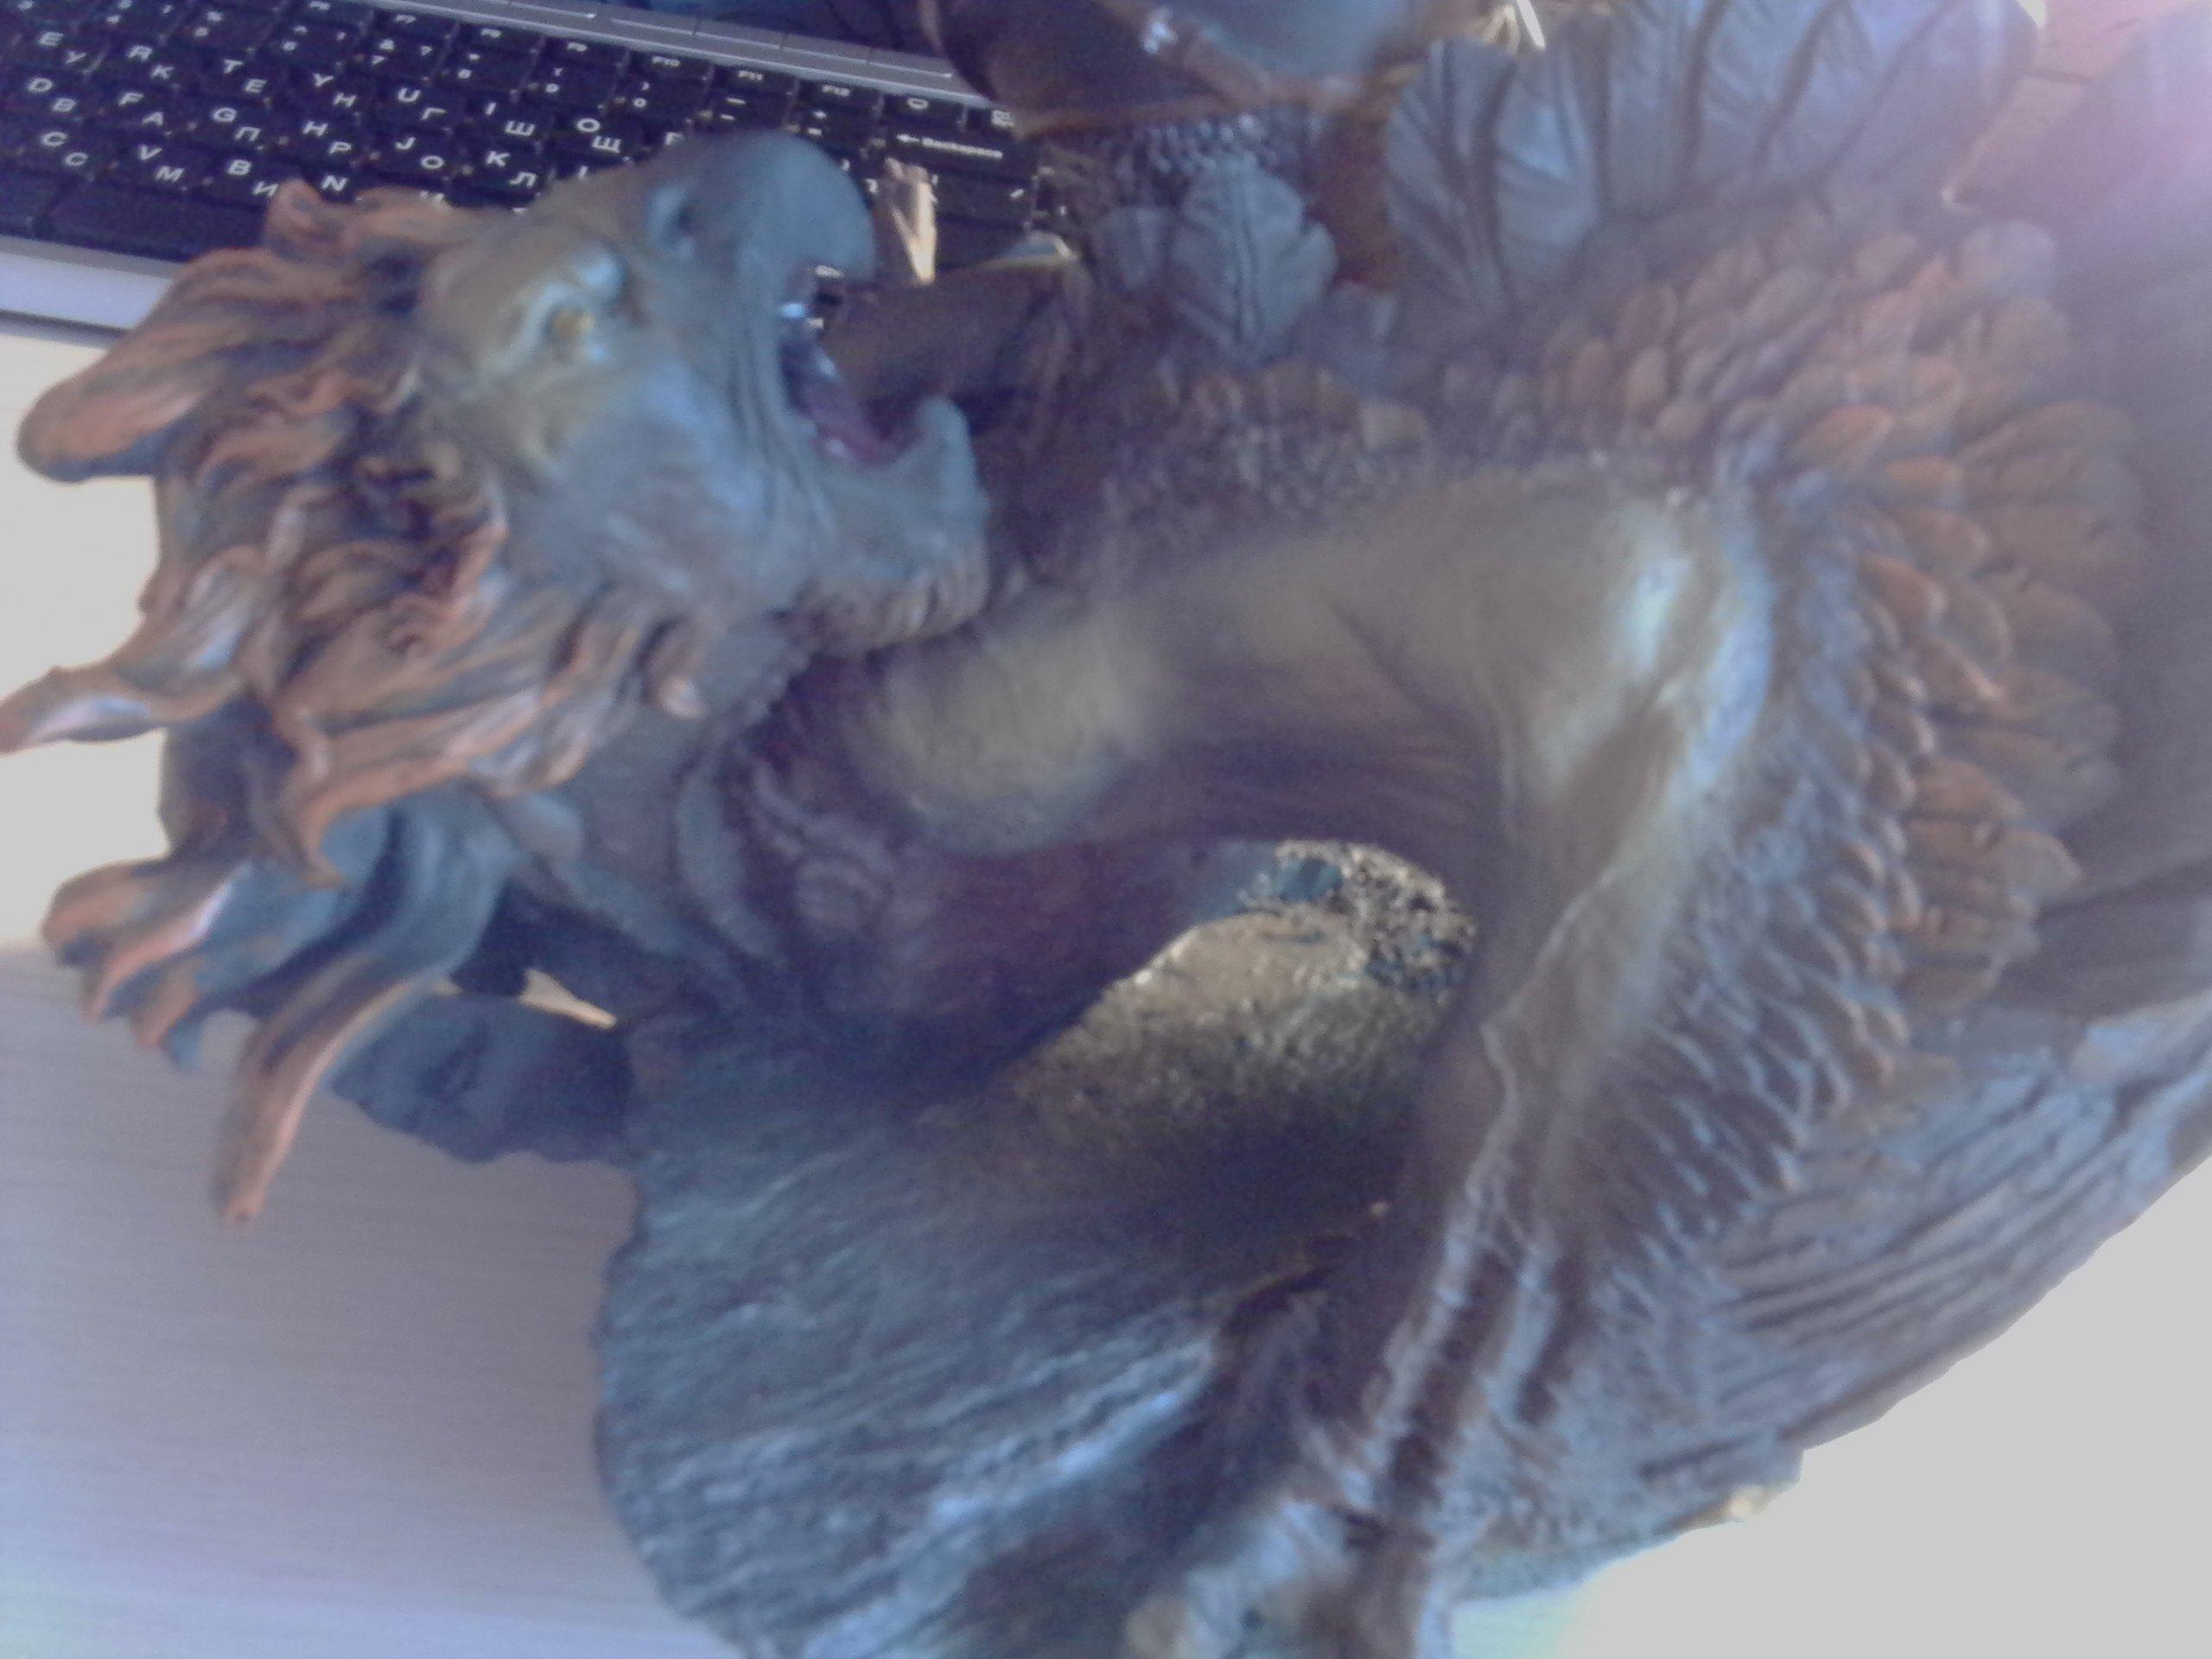 The Witcher 3: Wild Hunt. Распаковка коллекционного издания игры!     После долгого и томительного ожидания, сквозь  ... - Изображение 40